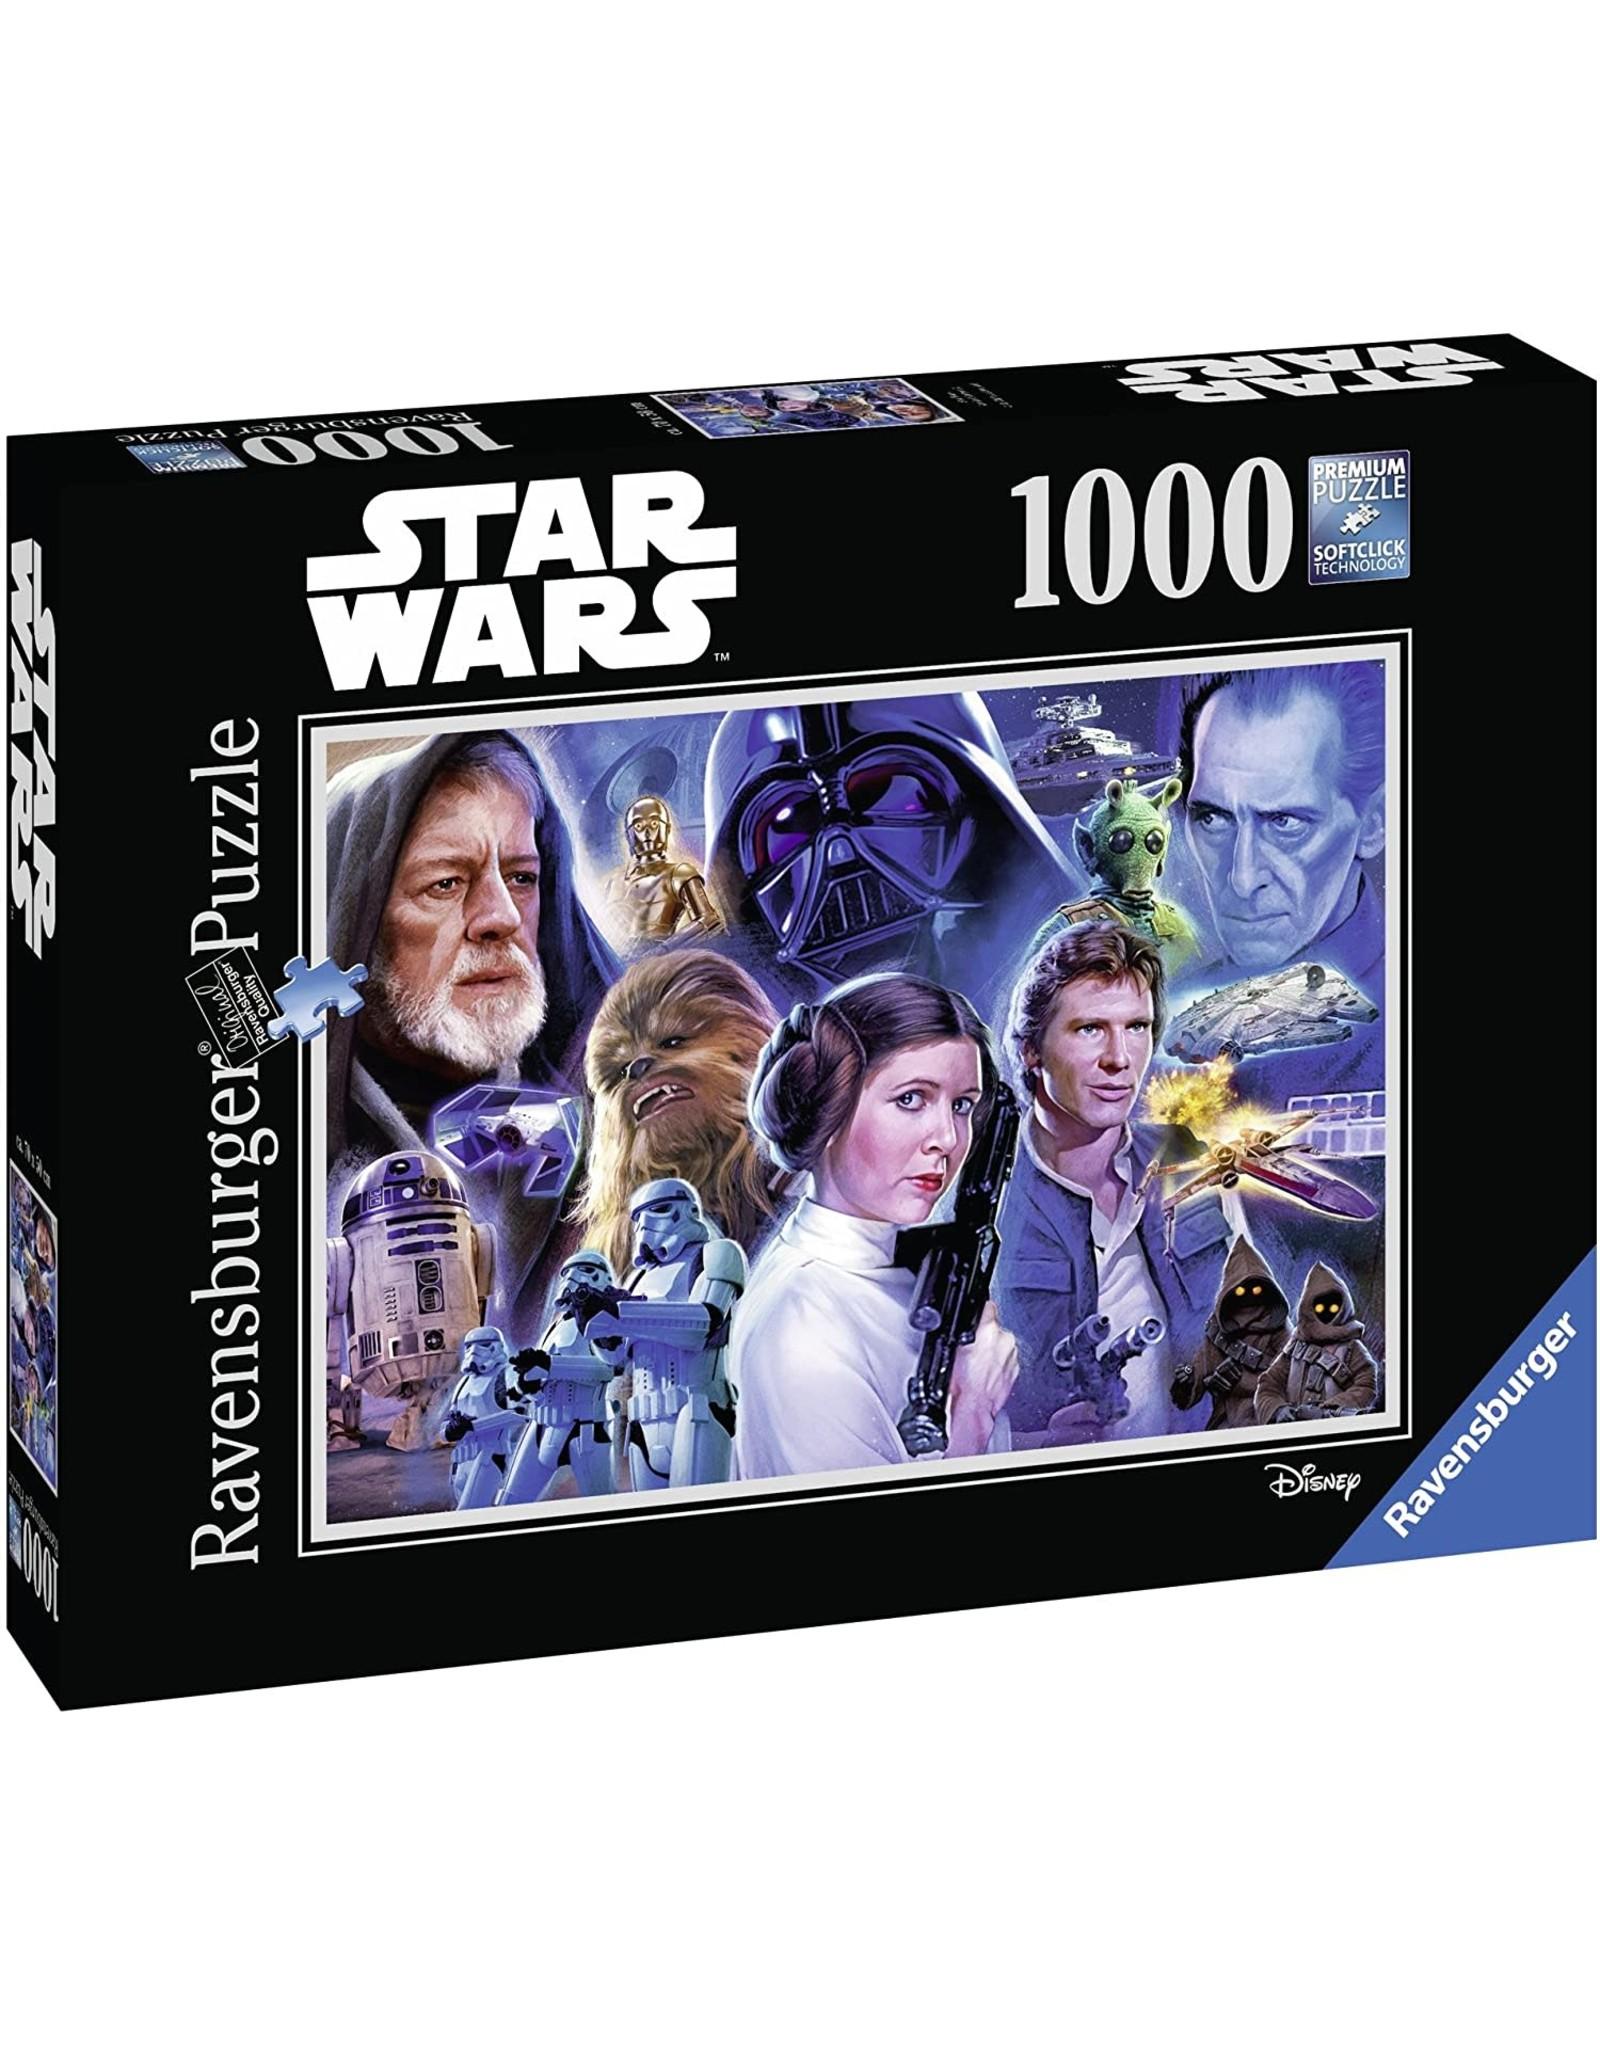 Ravensburger Star Wars Édition limitée 2 - 1000mcx